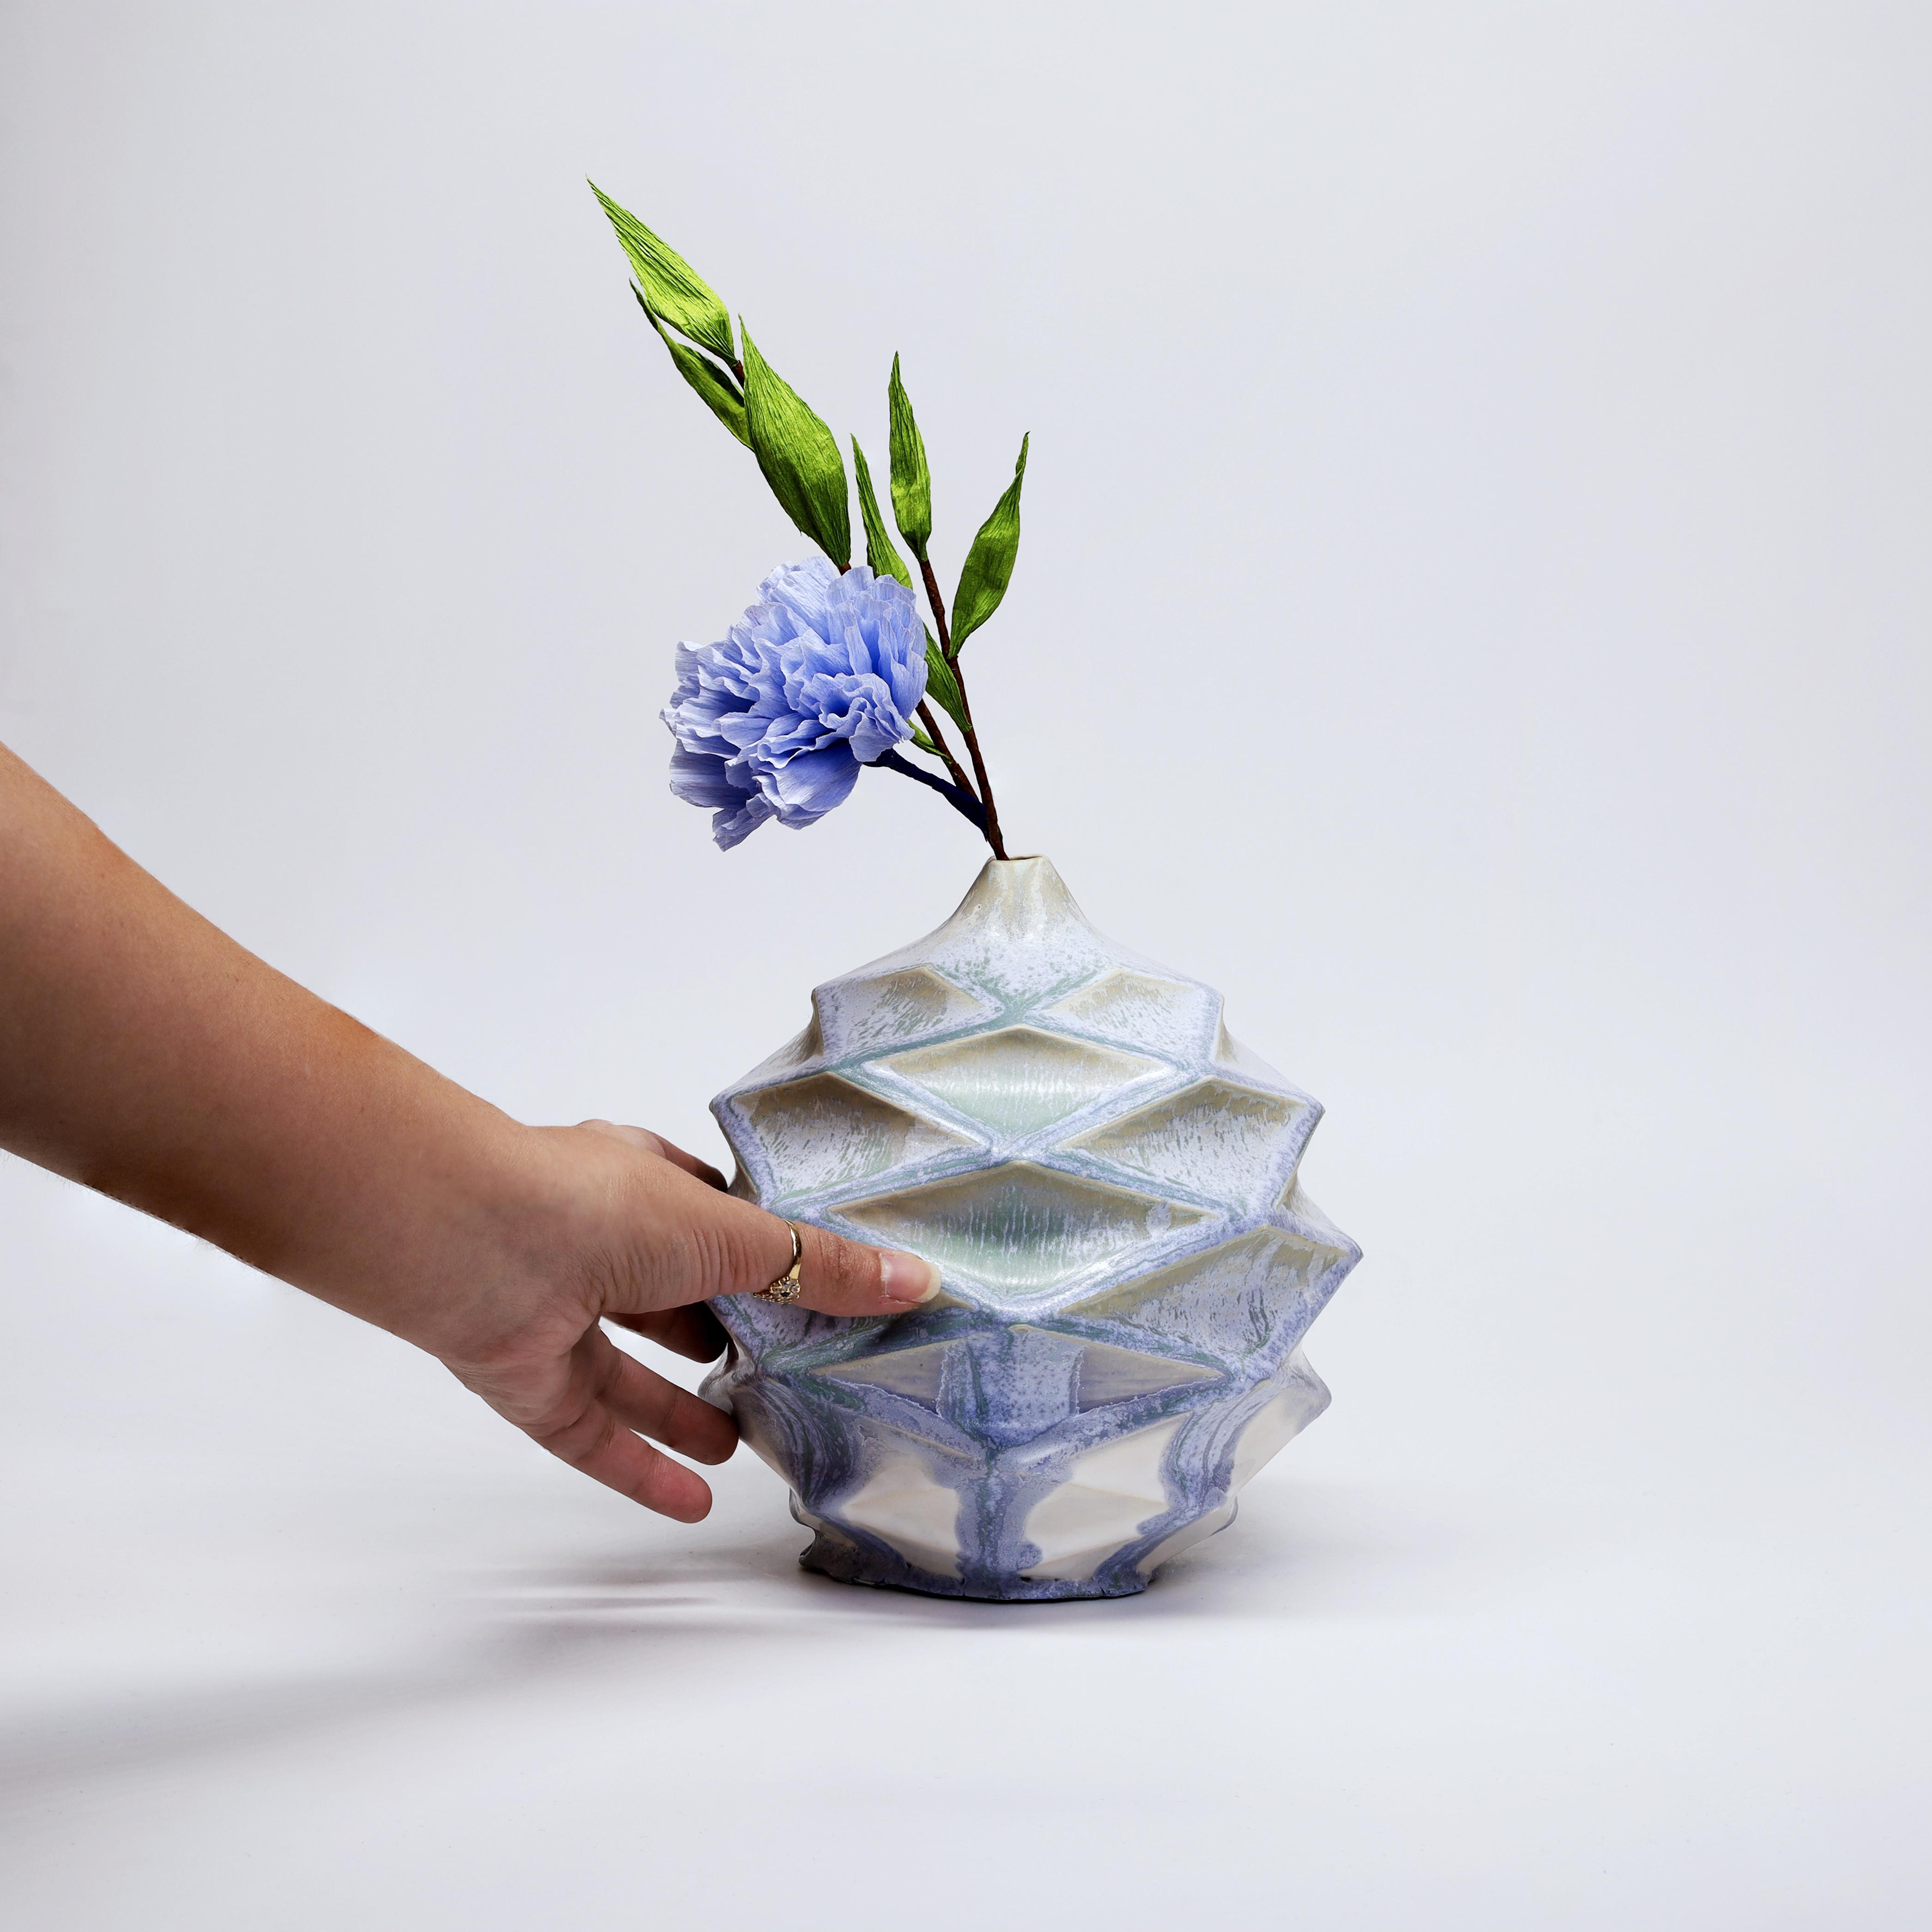 tortoise-shell-spherical-v2-ssflower